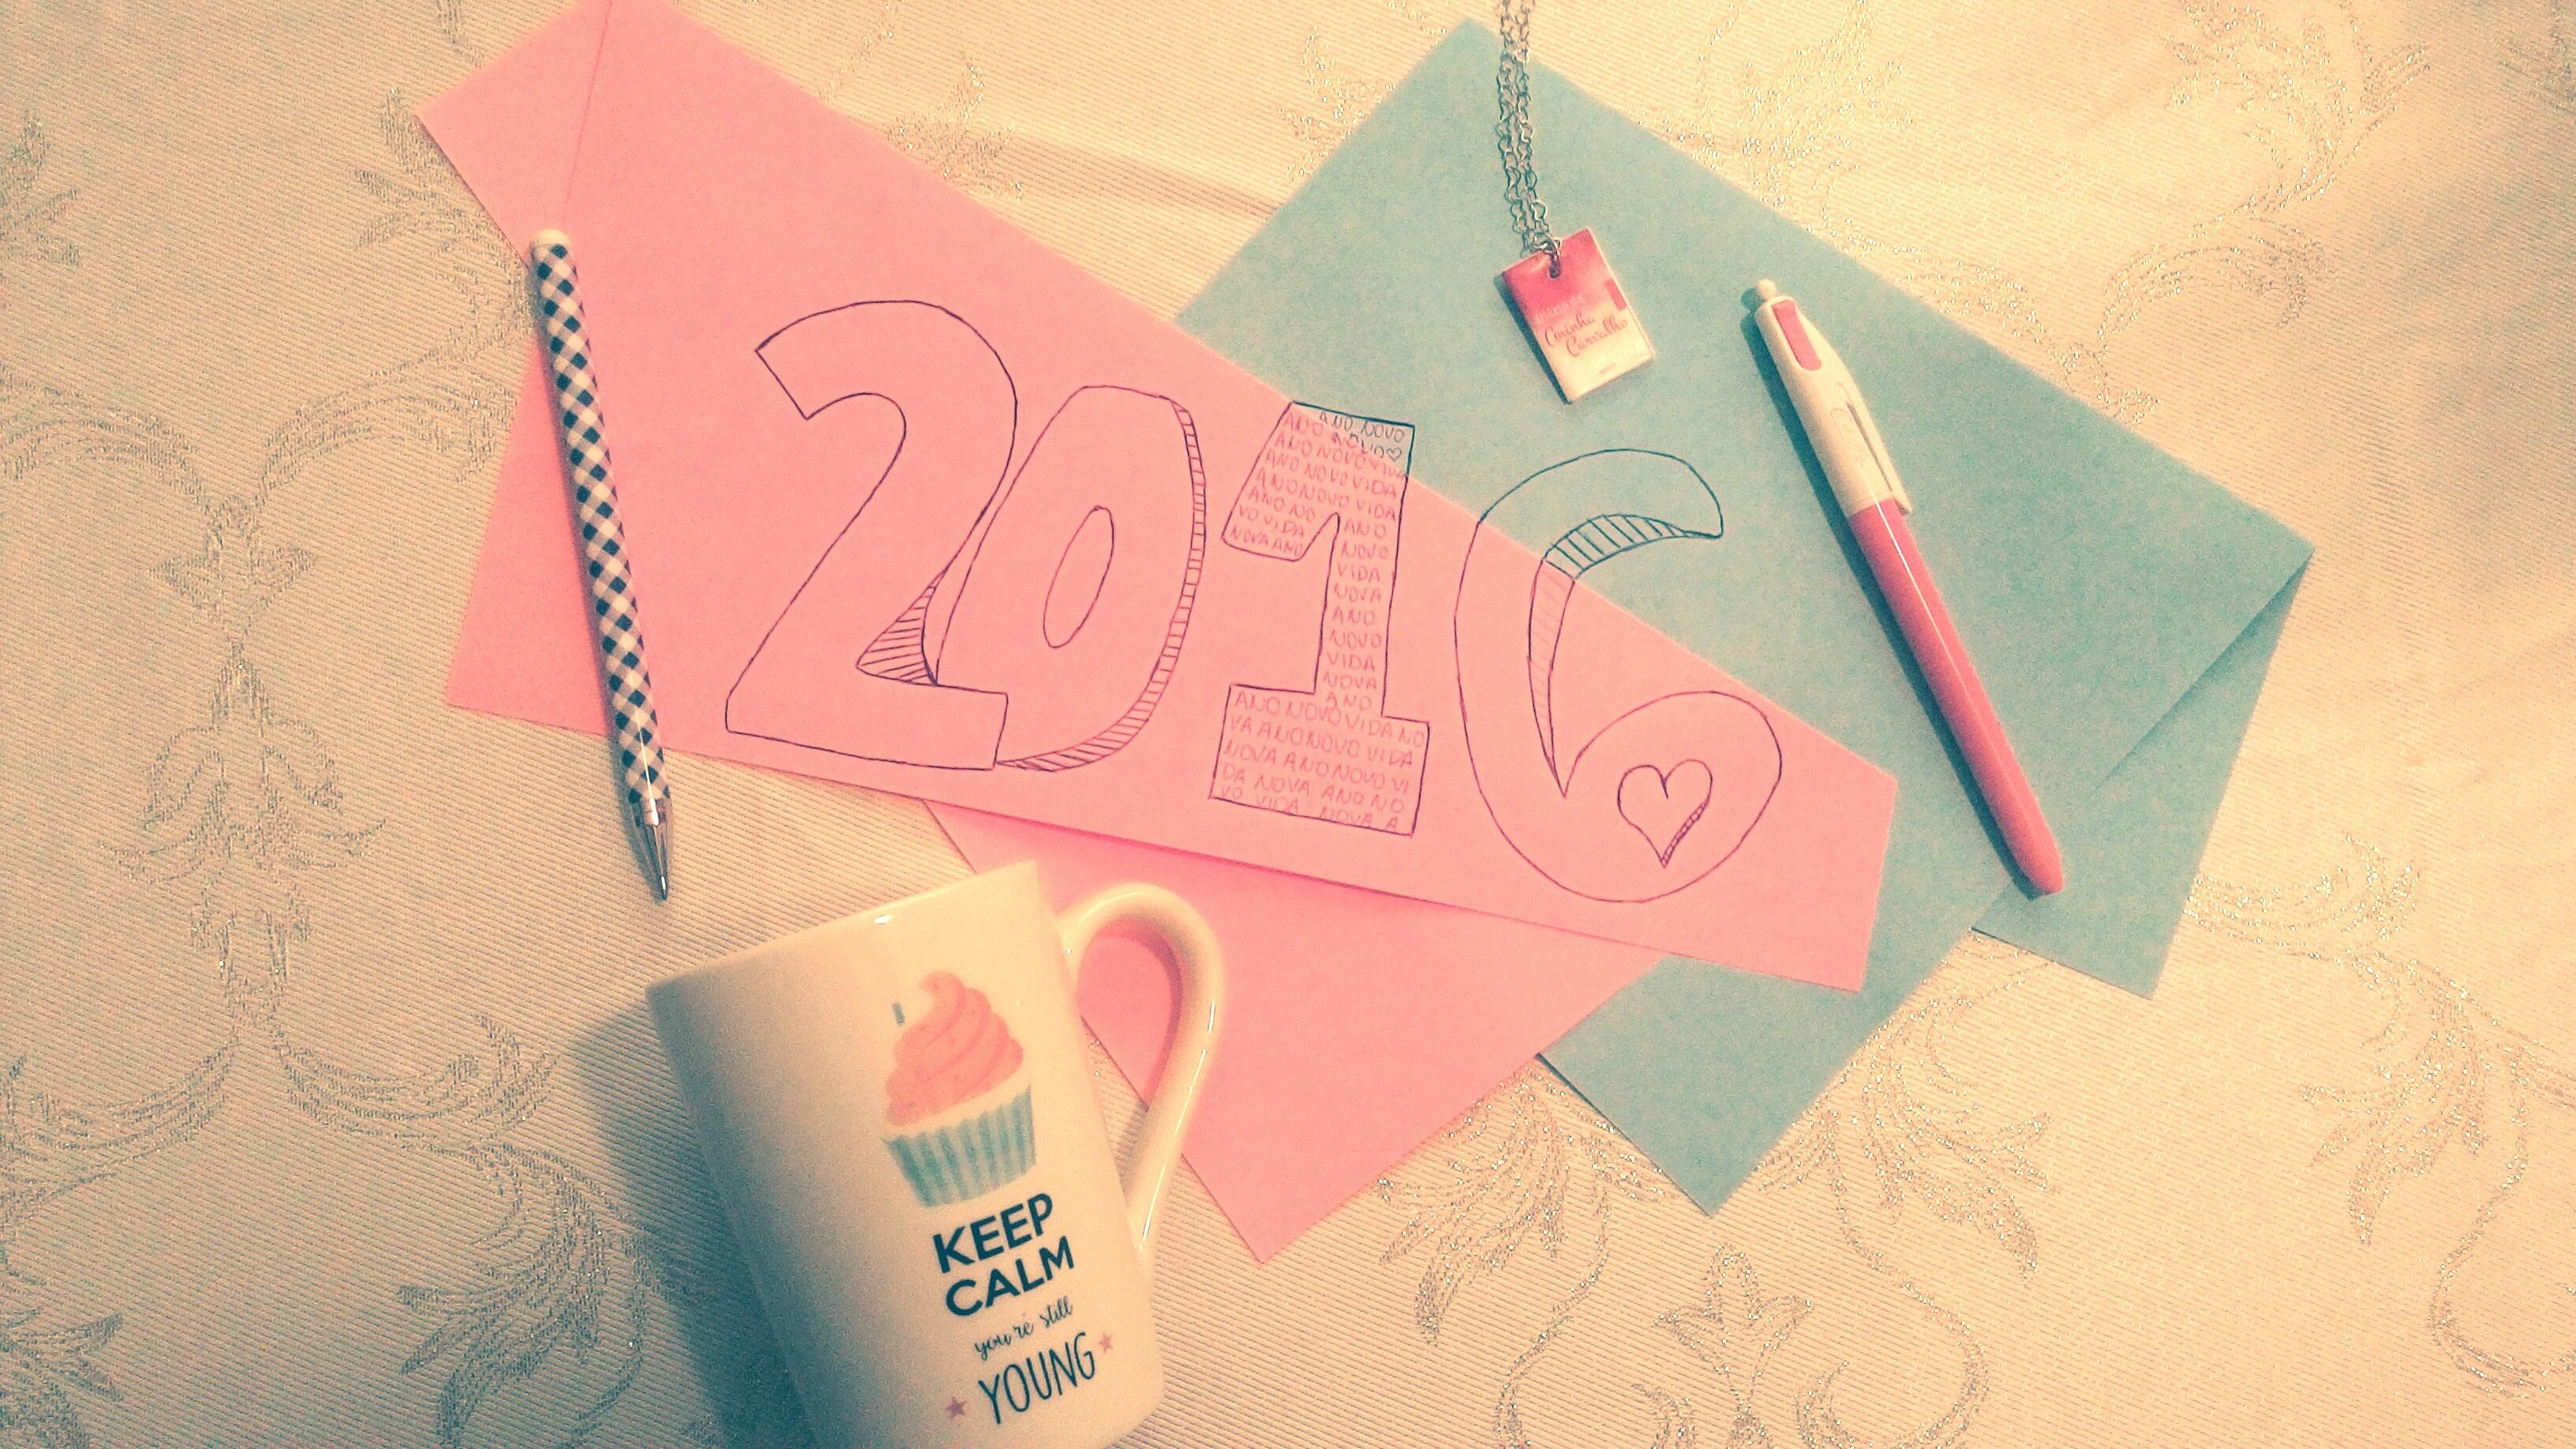 ano-novo-vida-nova-promessas-para-o-ano-seguinte